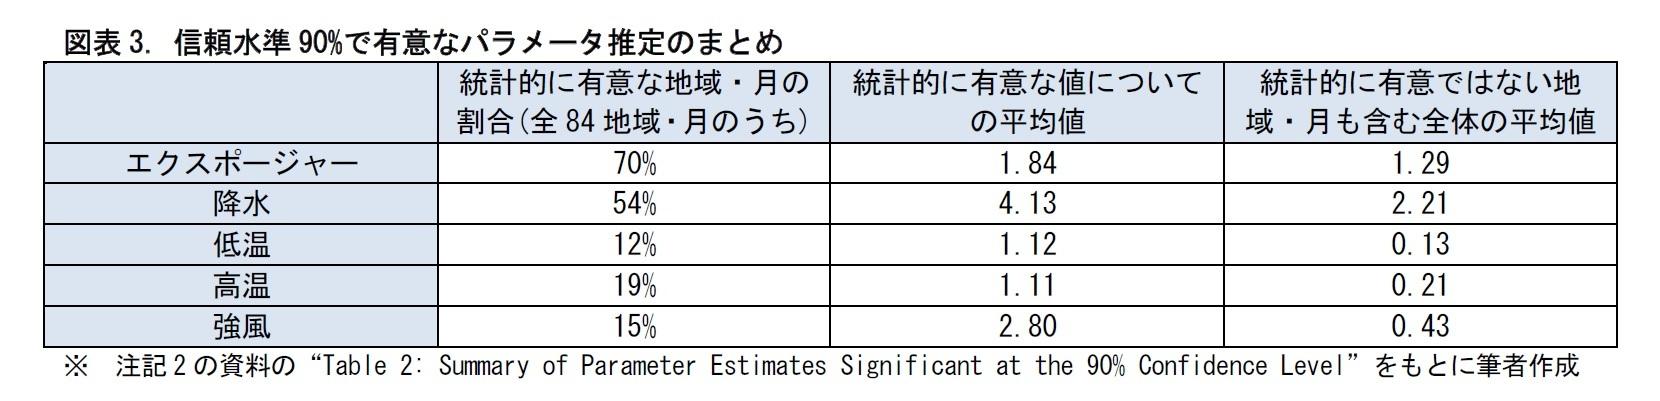 図表3. 信頼水準90%で有意なパラメータ推定のまとめ